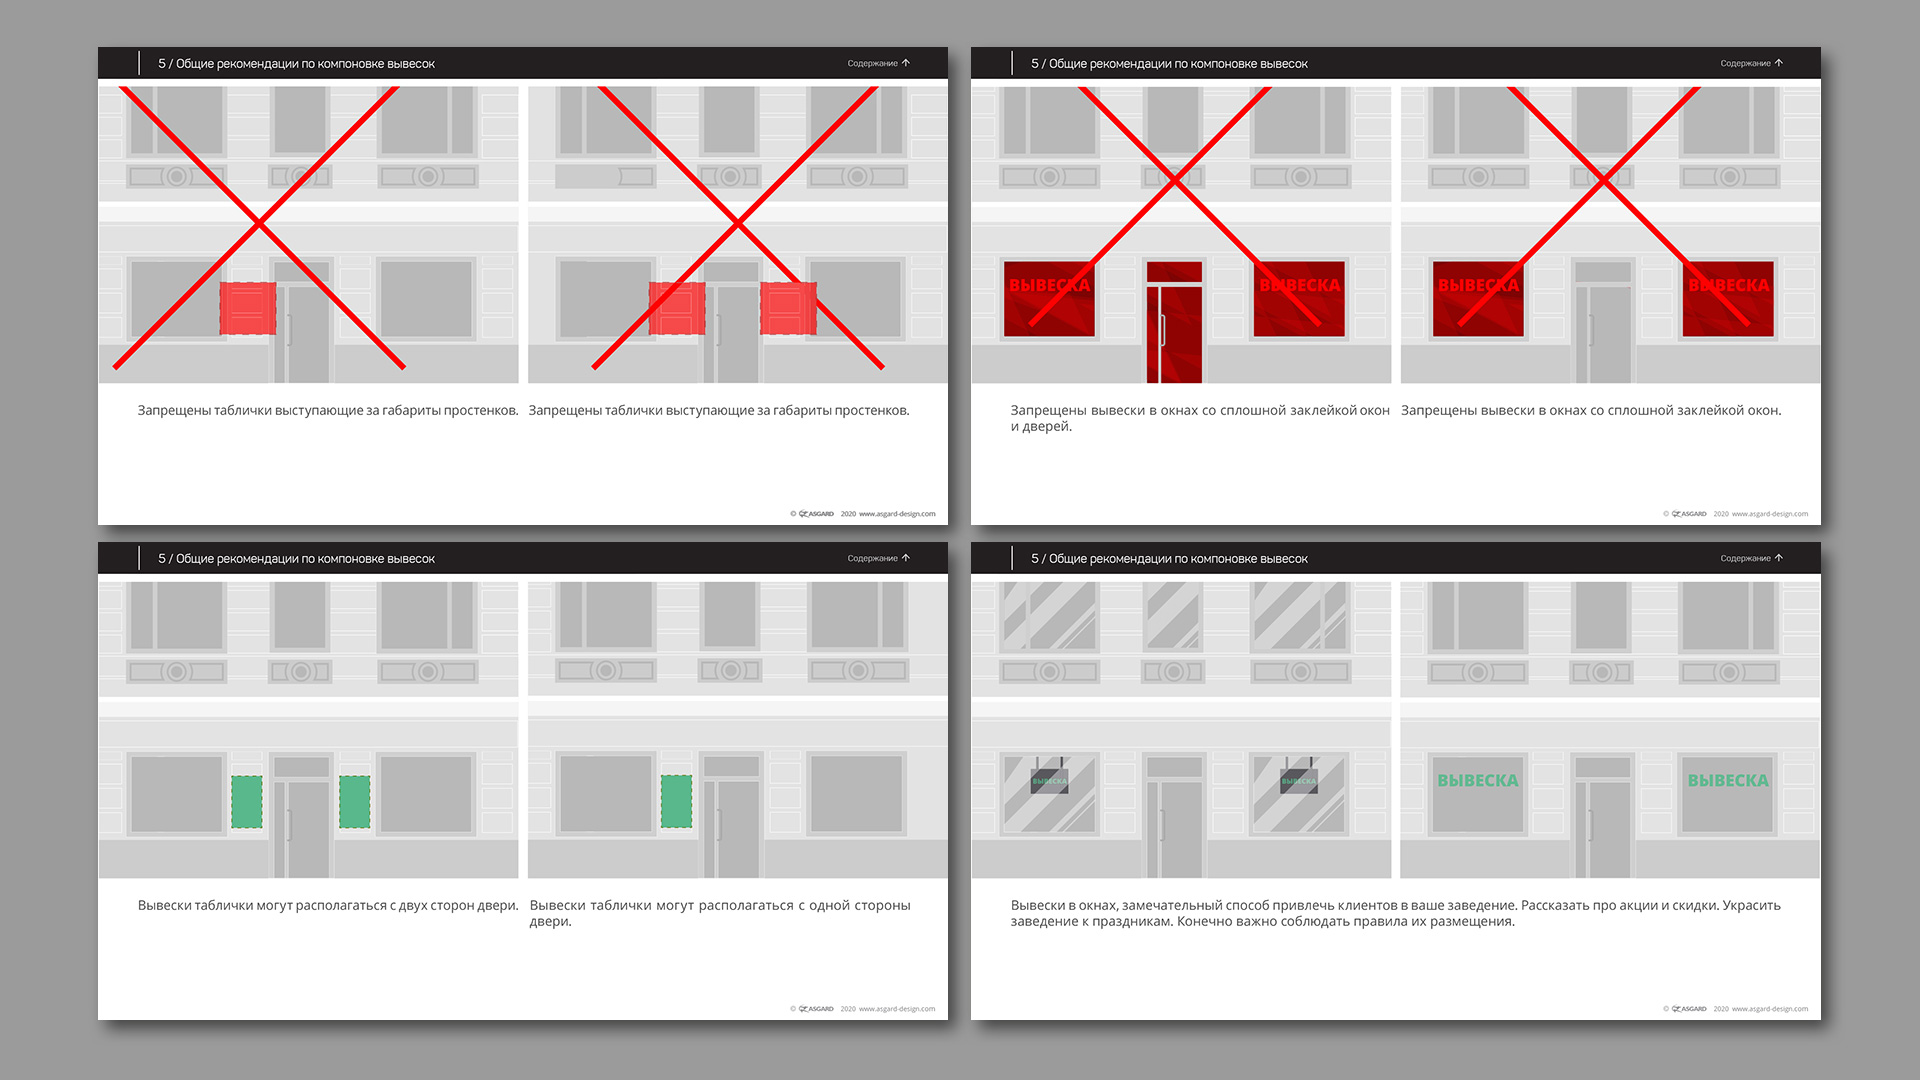 Асгард Брендинг, Красная Поляна, Курорт Красная Поляна, дизайн-код, реклама, рекламная экология, витрины, рекламные конструкции, нормативы оформления витрин